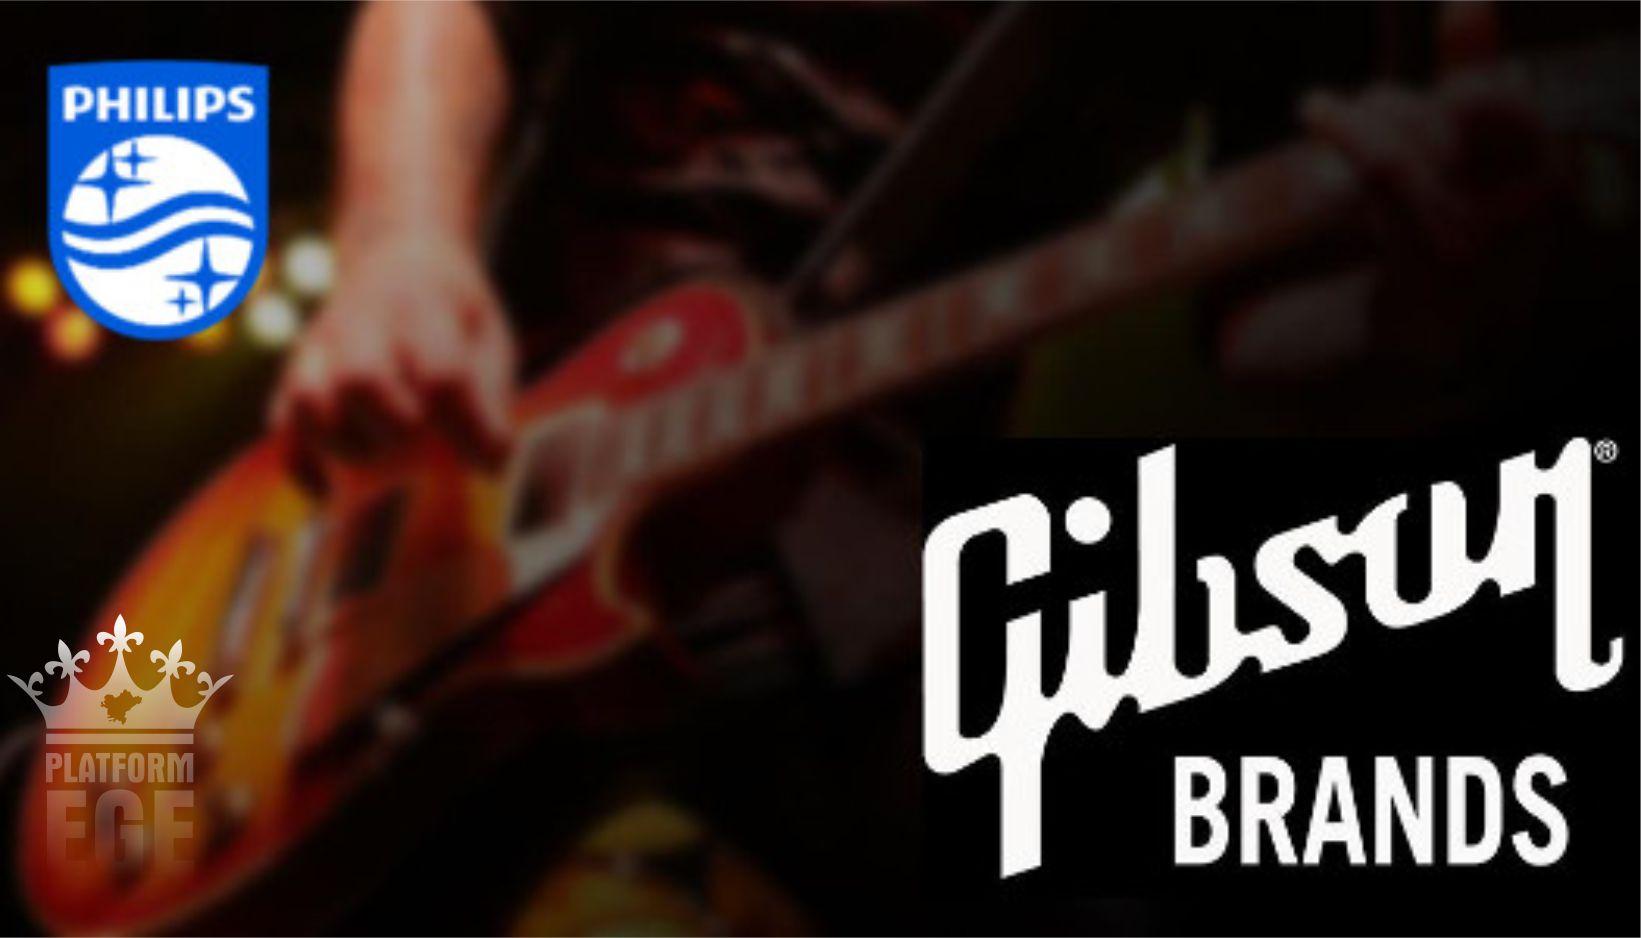 gibson-philips